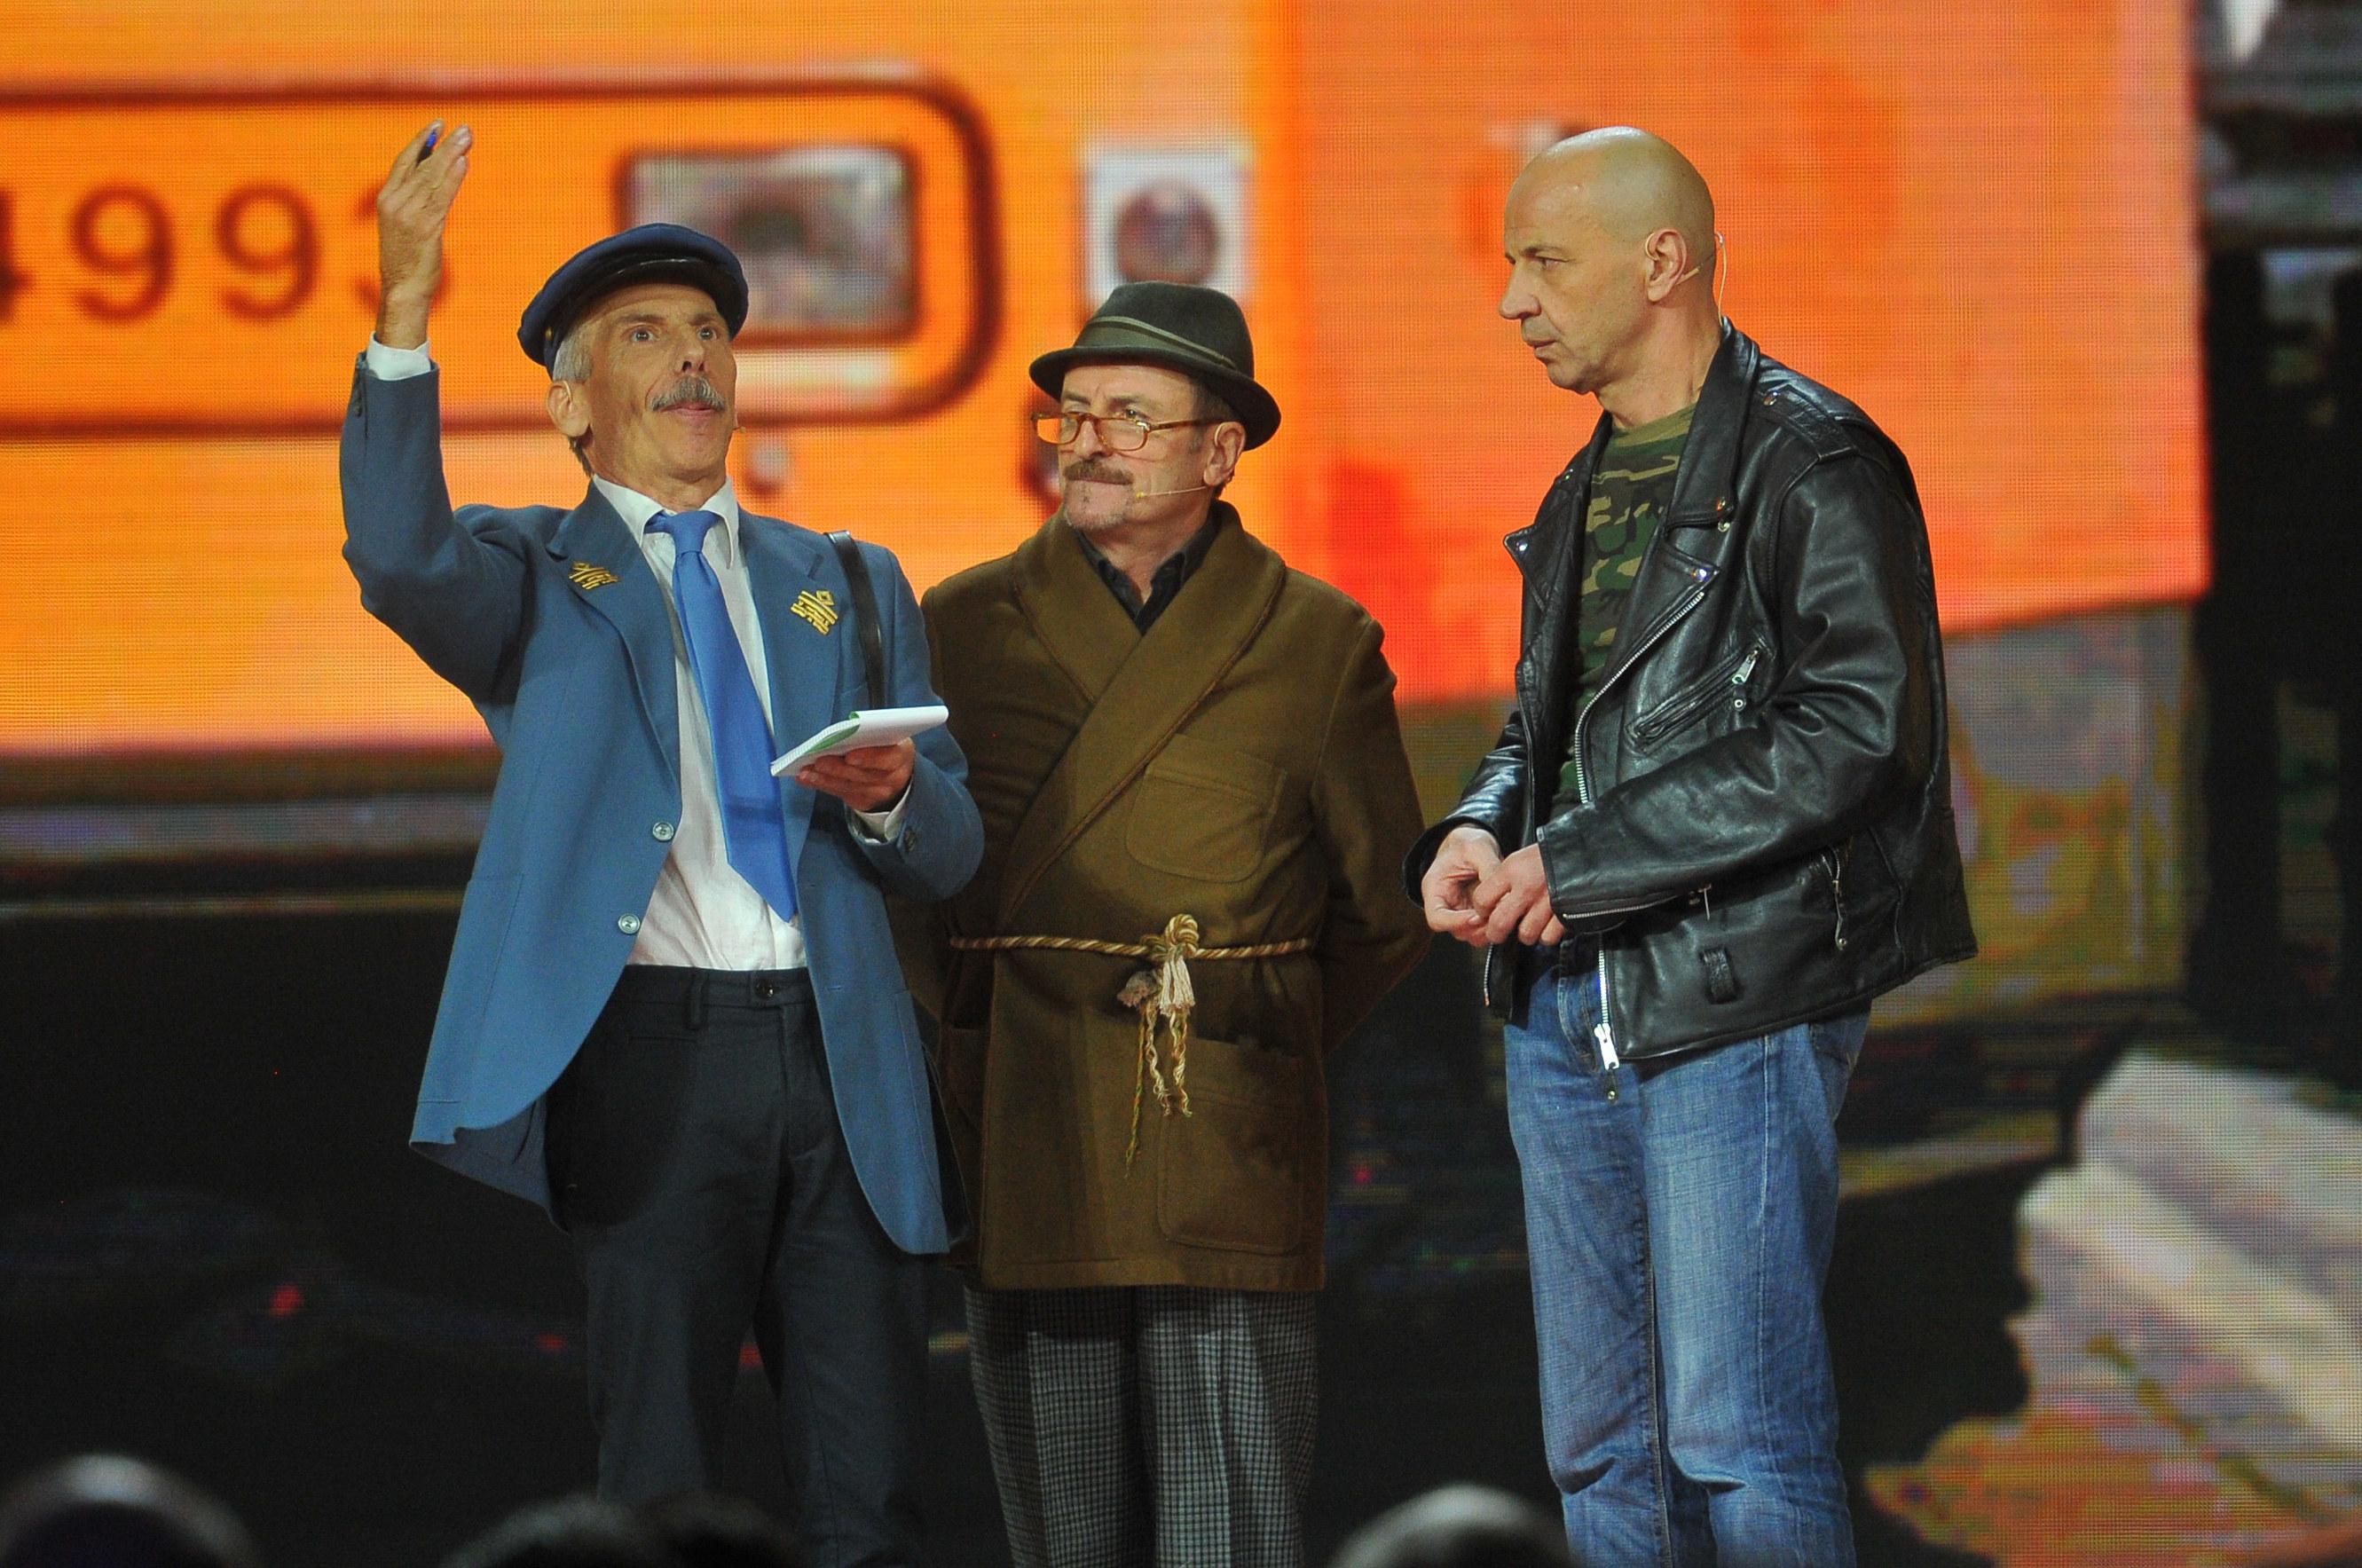 Aldo Giovanni e Giacomo – Live on stage: su RAI 2 lo spettacolo per festeggiare i 25 anni di carriera